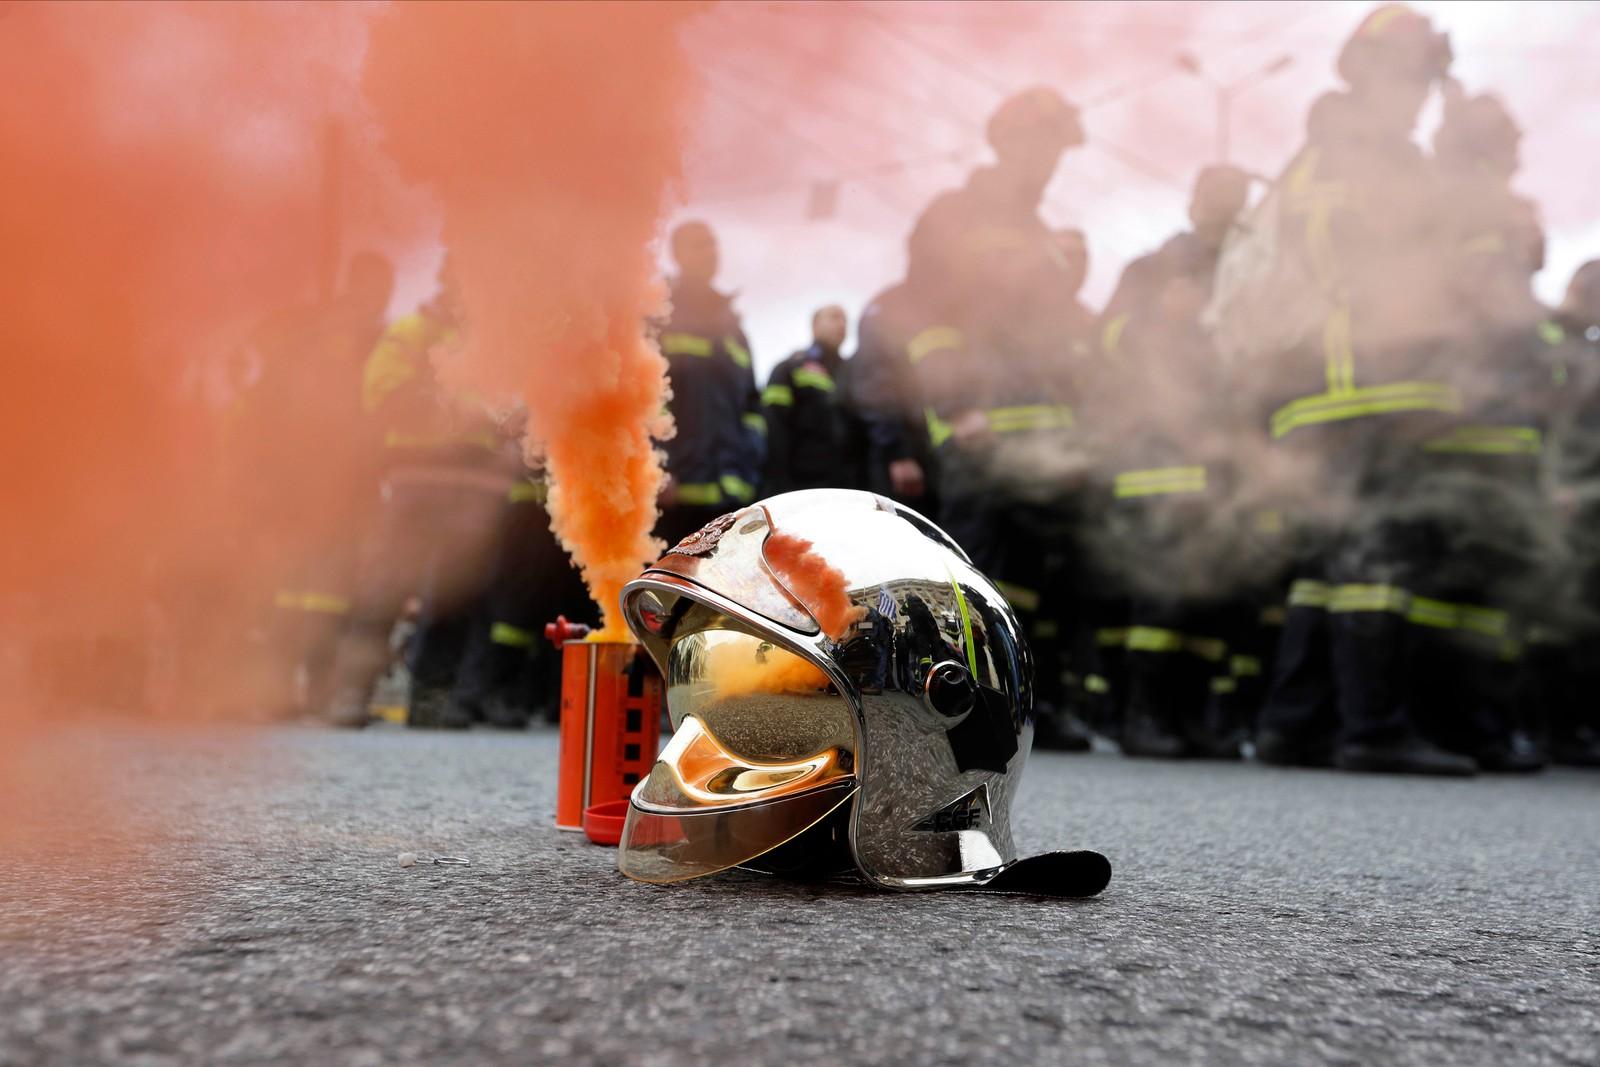 Flere hundre brannmenn protesterte i Athen fordi mange står i fare for å miste jobbene sine på grunn av kortidskontrakter som snart går ut.